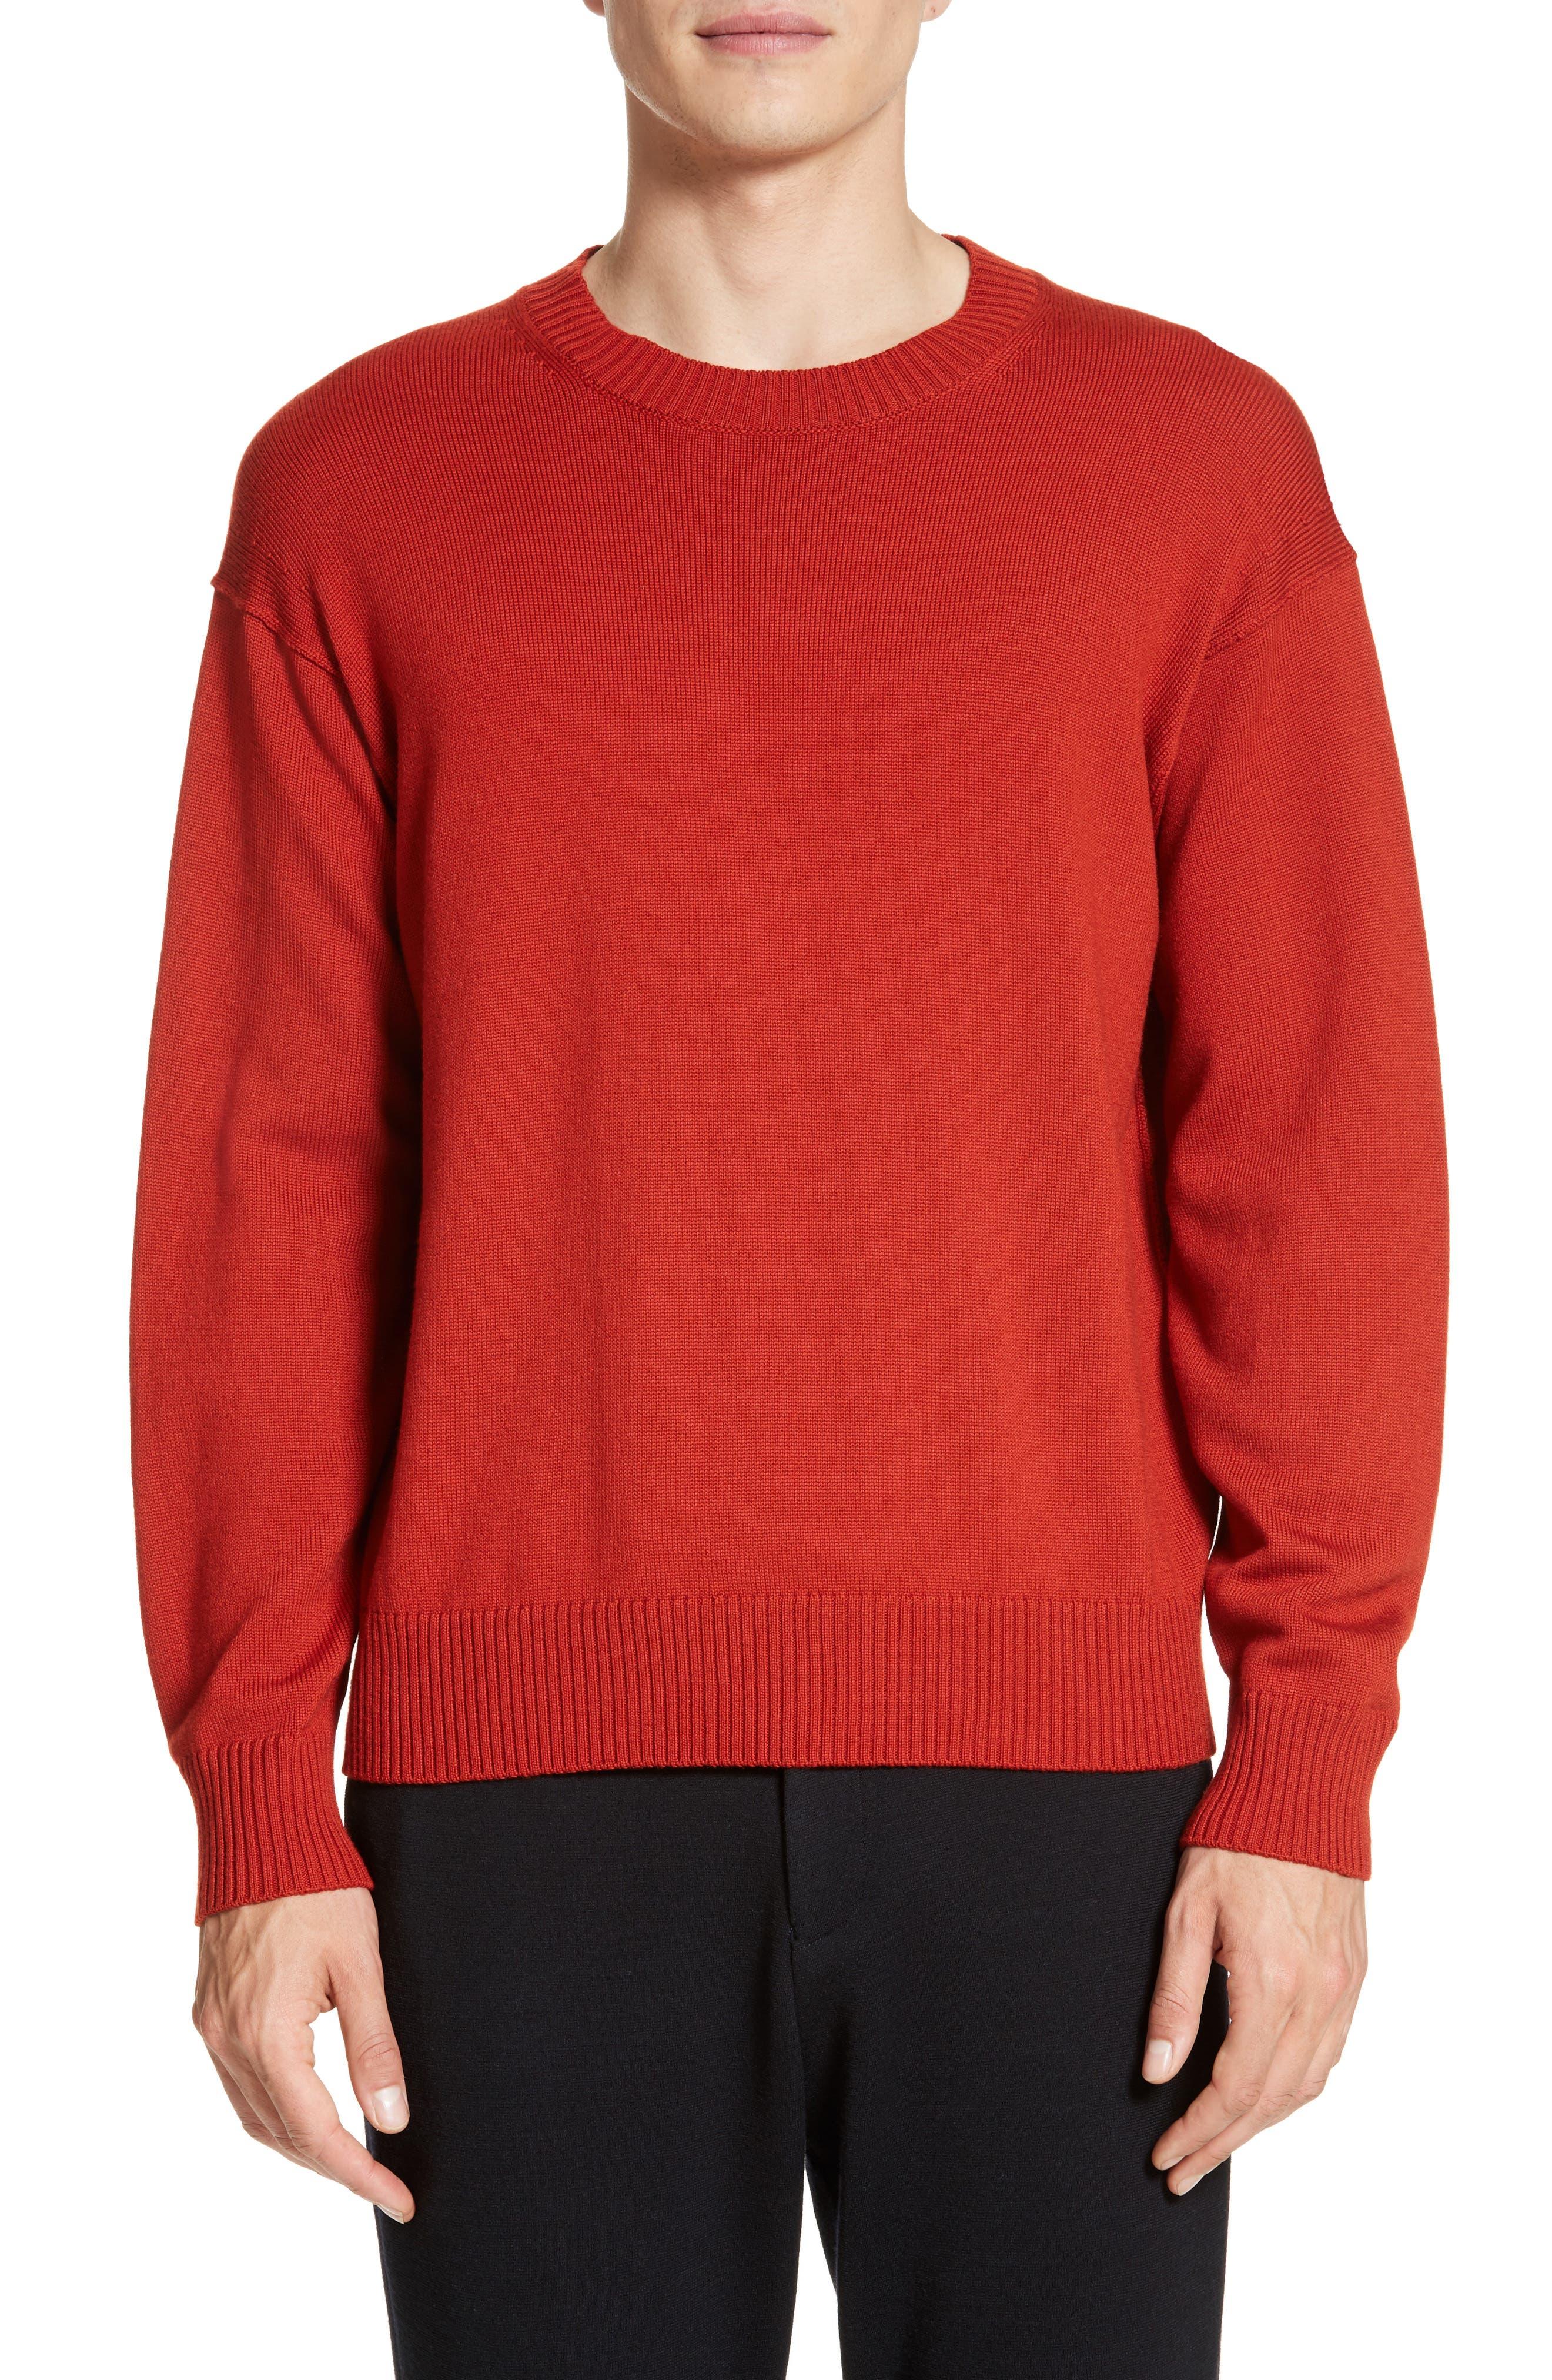 Tomorrowland Merino Sweater